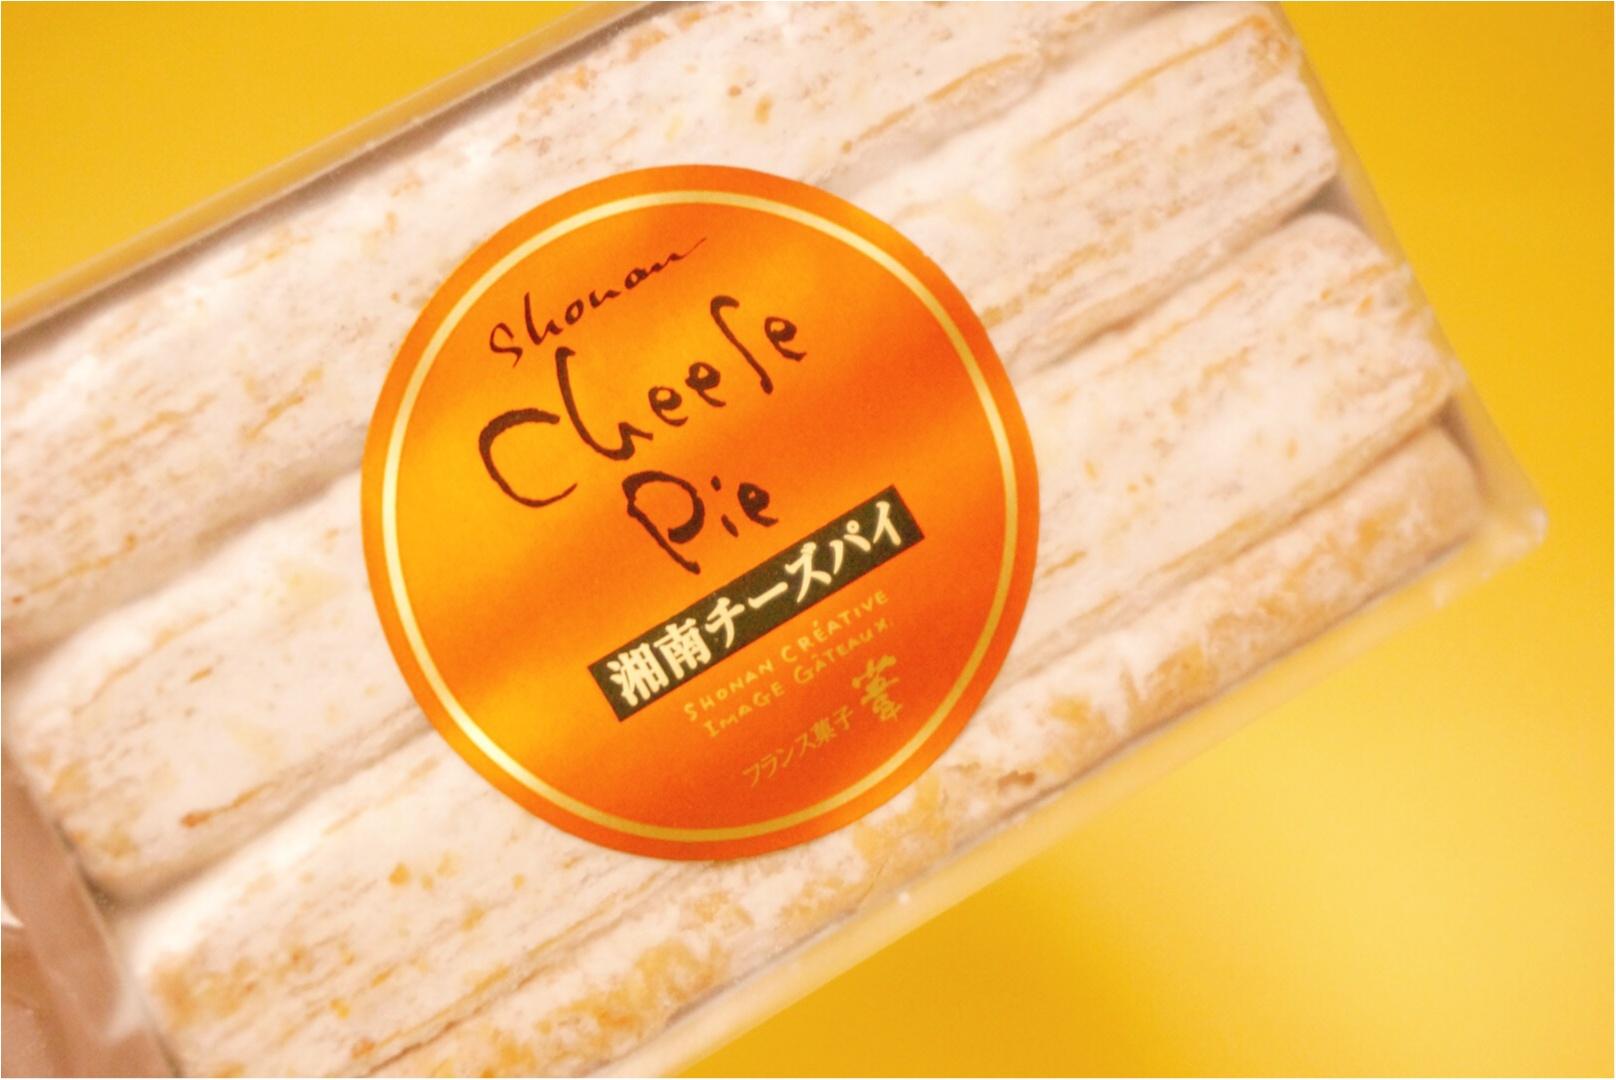 """《記憶に残る焼き菓子♡》湘南クリエイティブガトー葦の""""湘南チーズパイ""""が美味すぎるっ♡_2"""